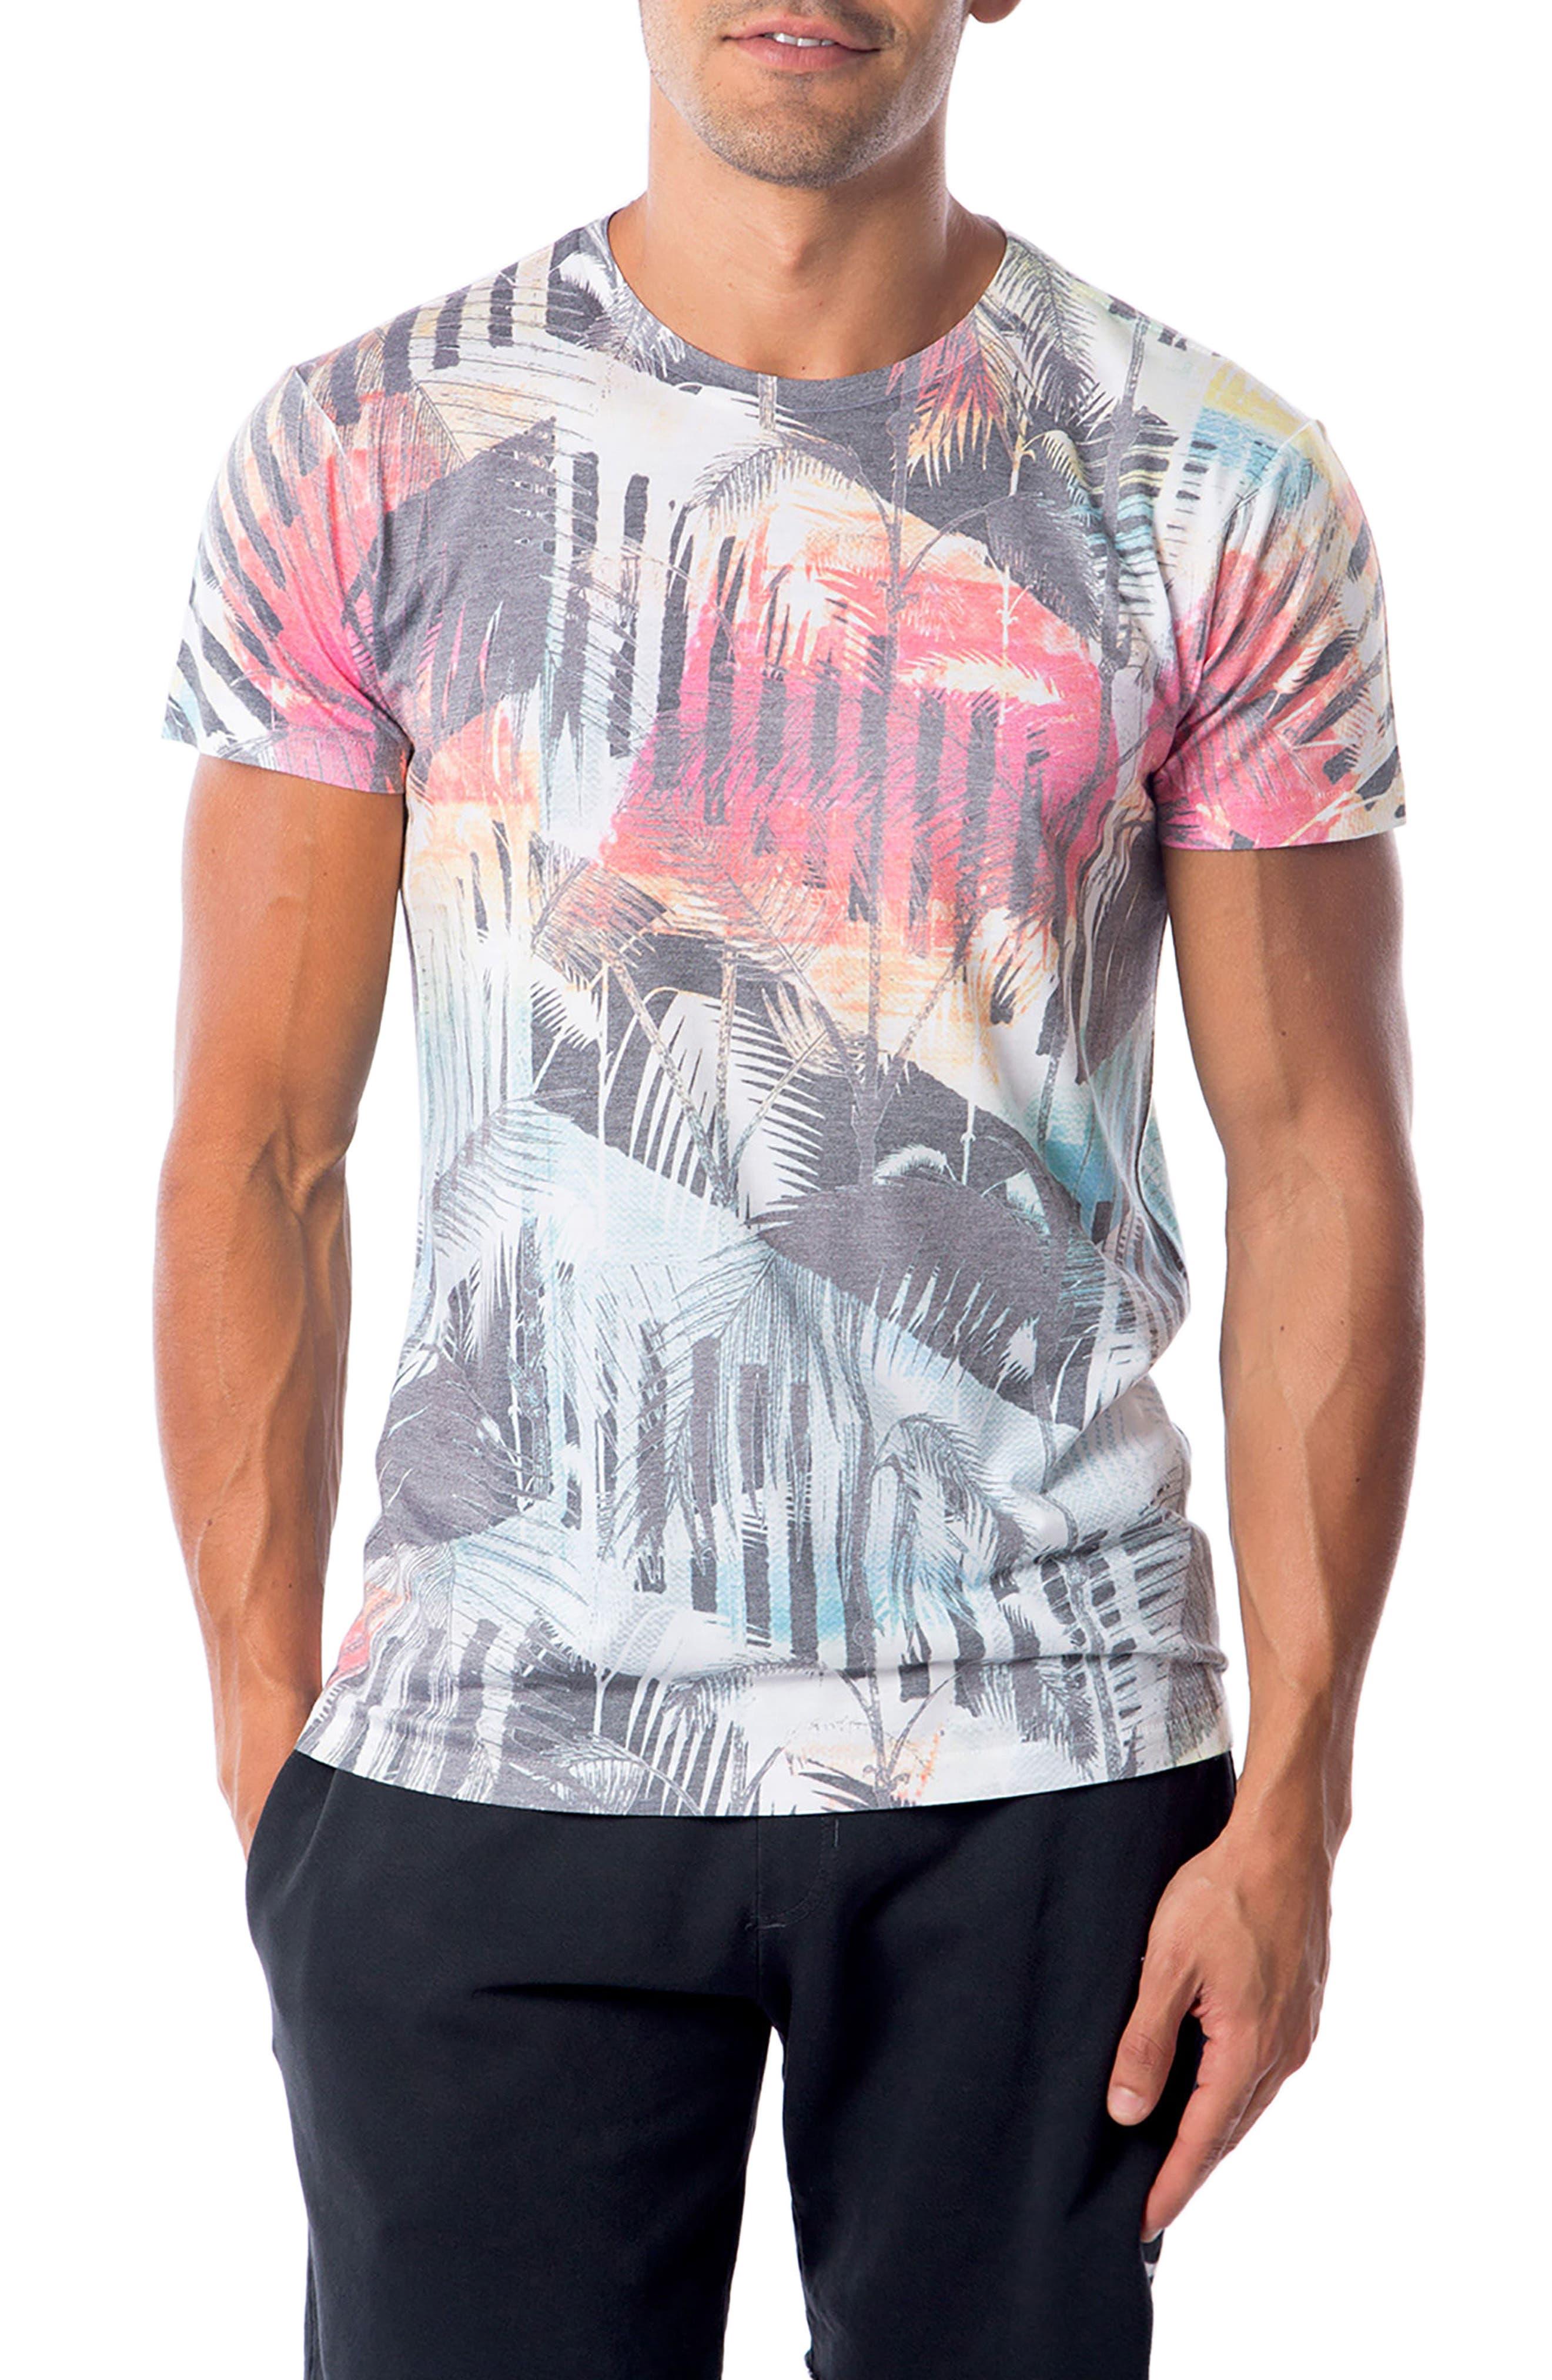 Deco Palms Print T-Shirt,                             Main thumbnail 1, color,                             Deco Palms